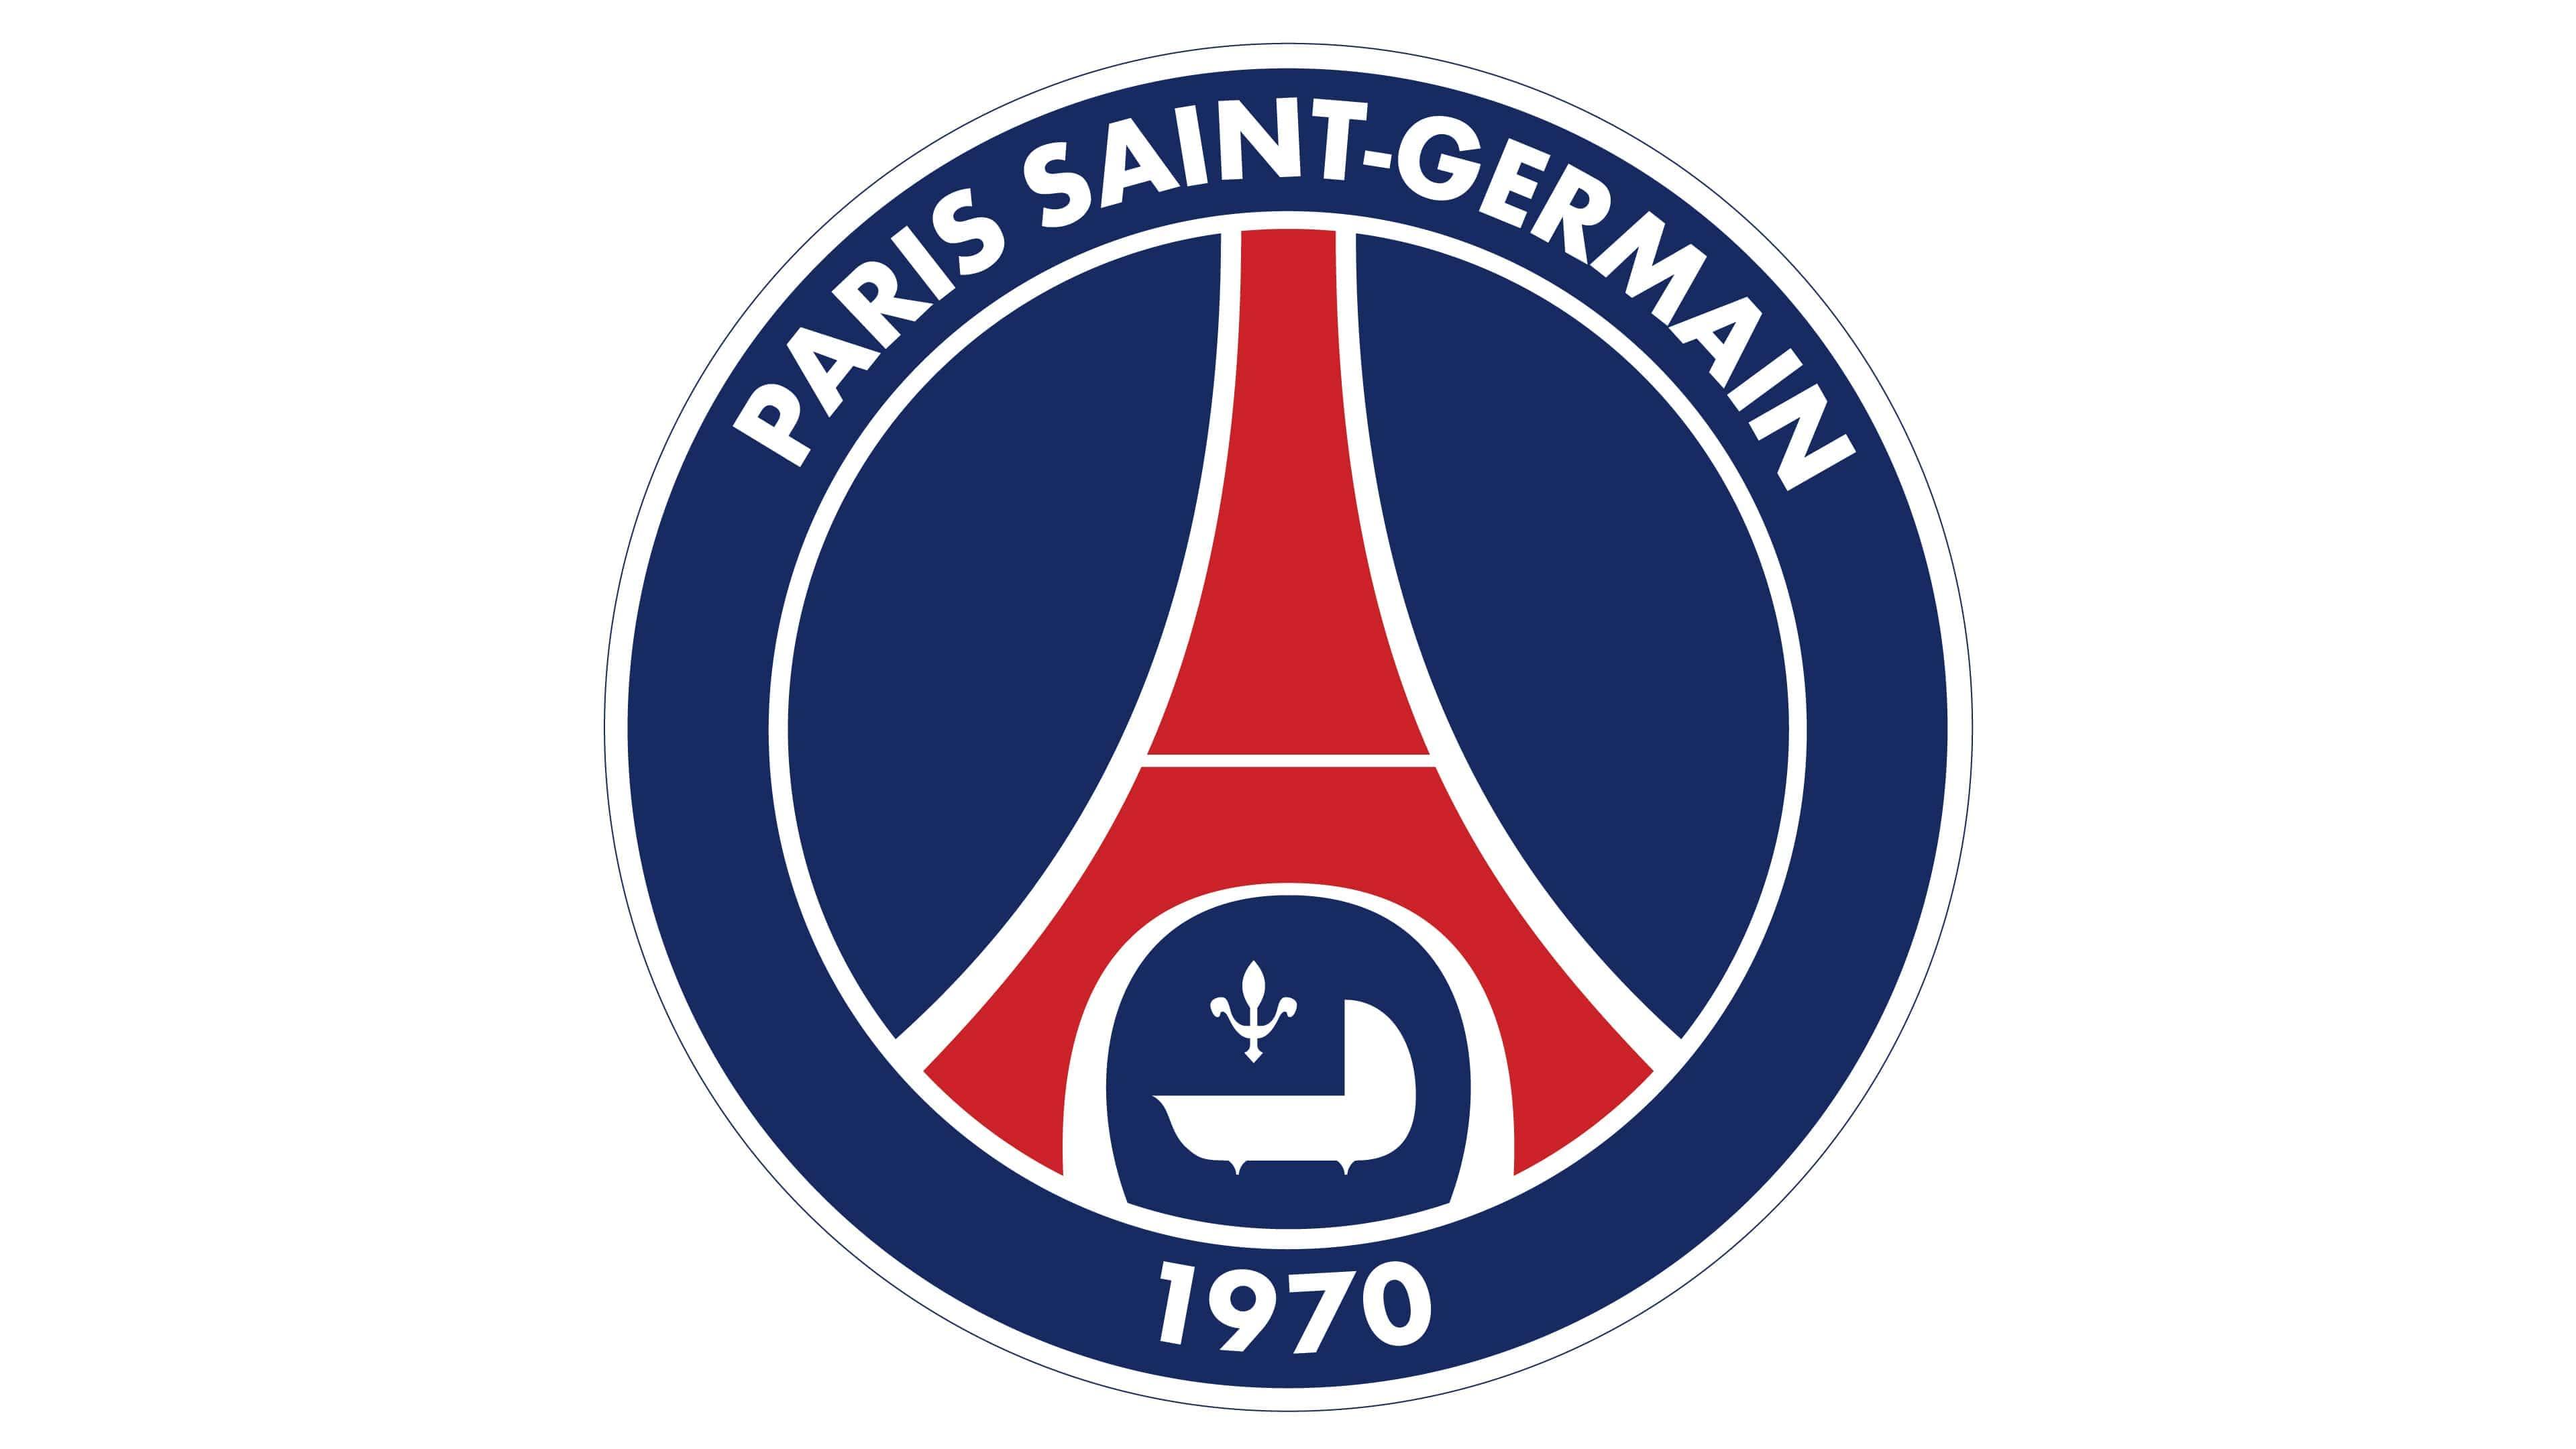 PSG logo - Marques et logos: histoire et signification | PNG